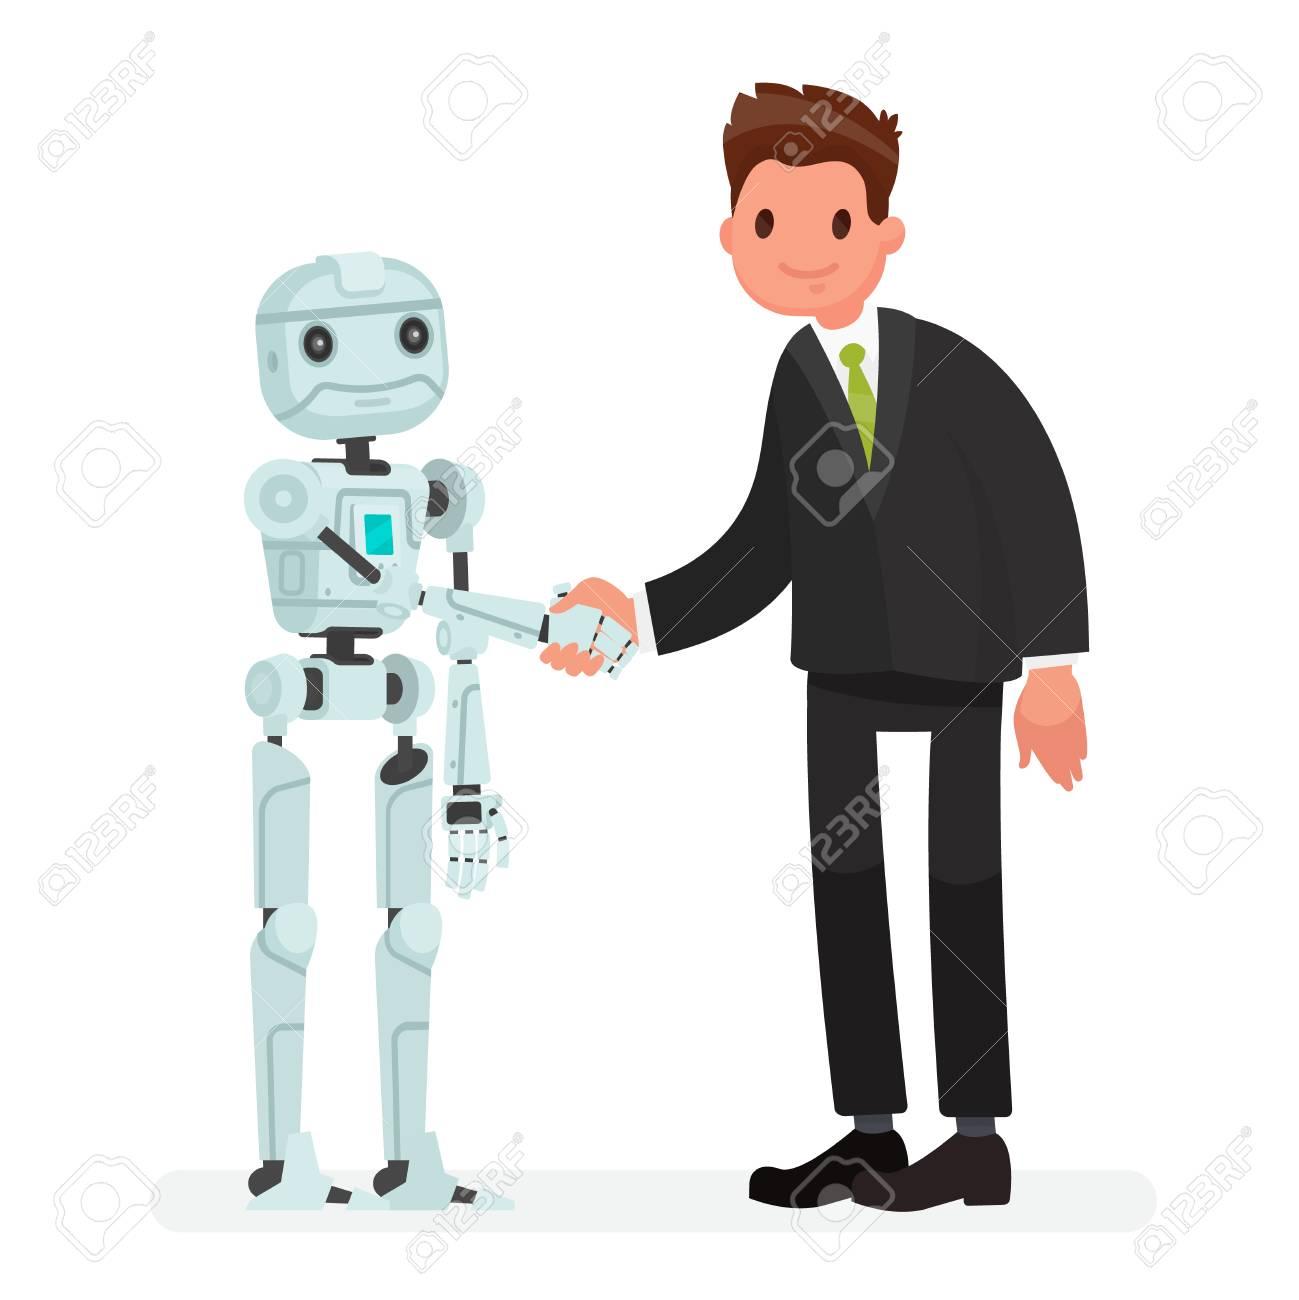 Zusammenarbeit Zwischen Mensch Und Roboter Vektordesigngrafik Flache  Cartoonillustration Stock Vektor Art und mehr Bilder von Abmachung - iStock